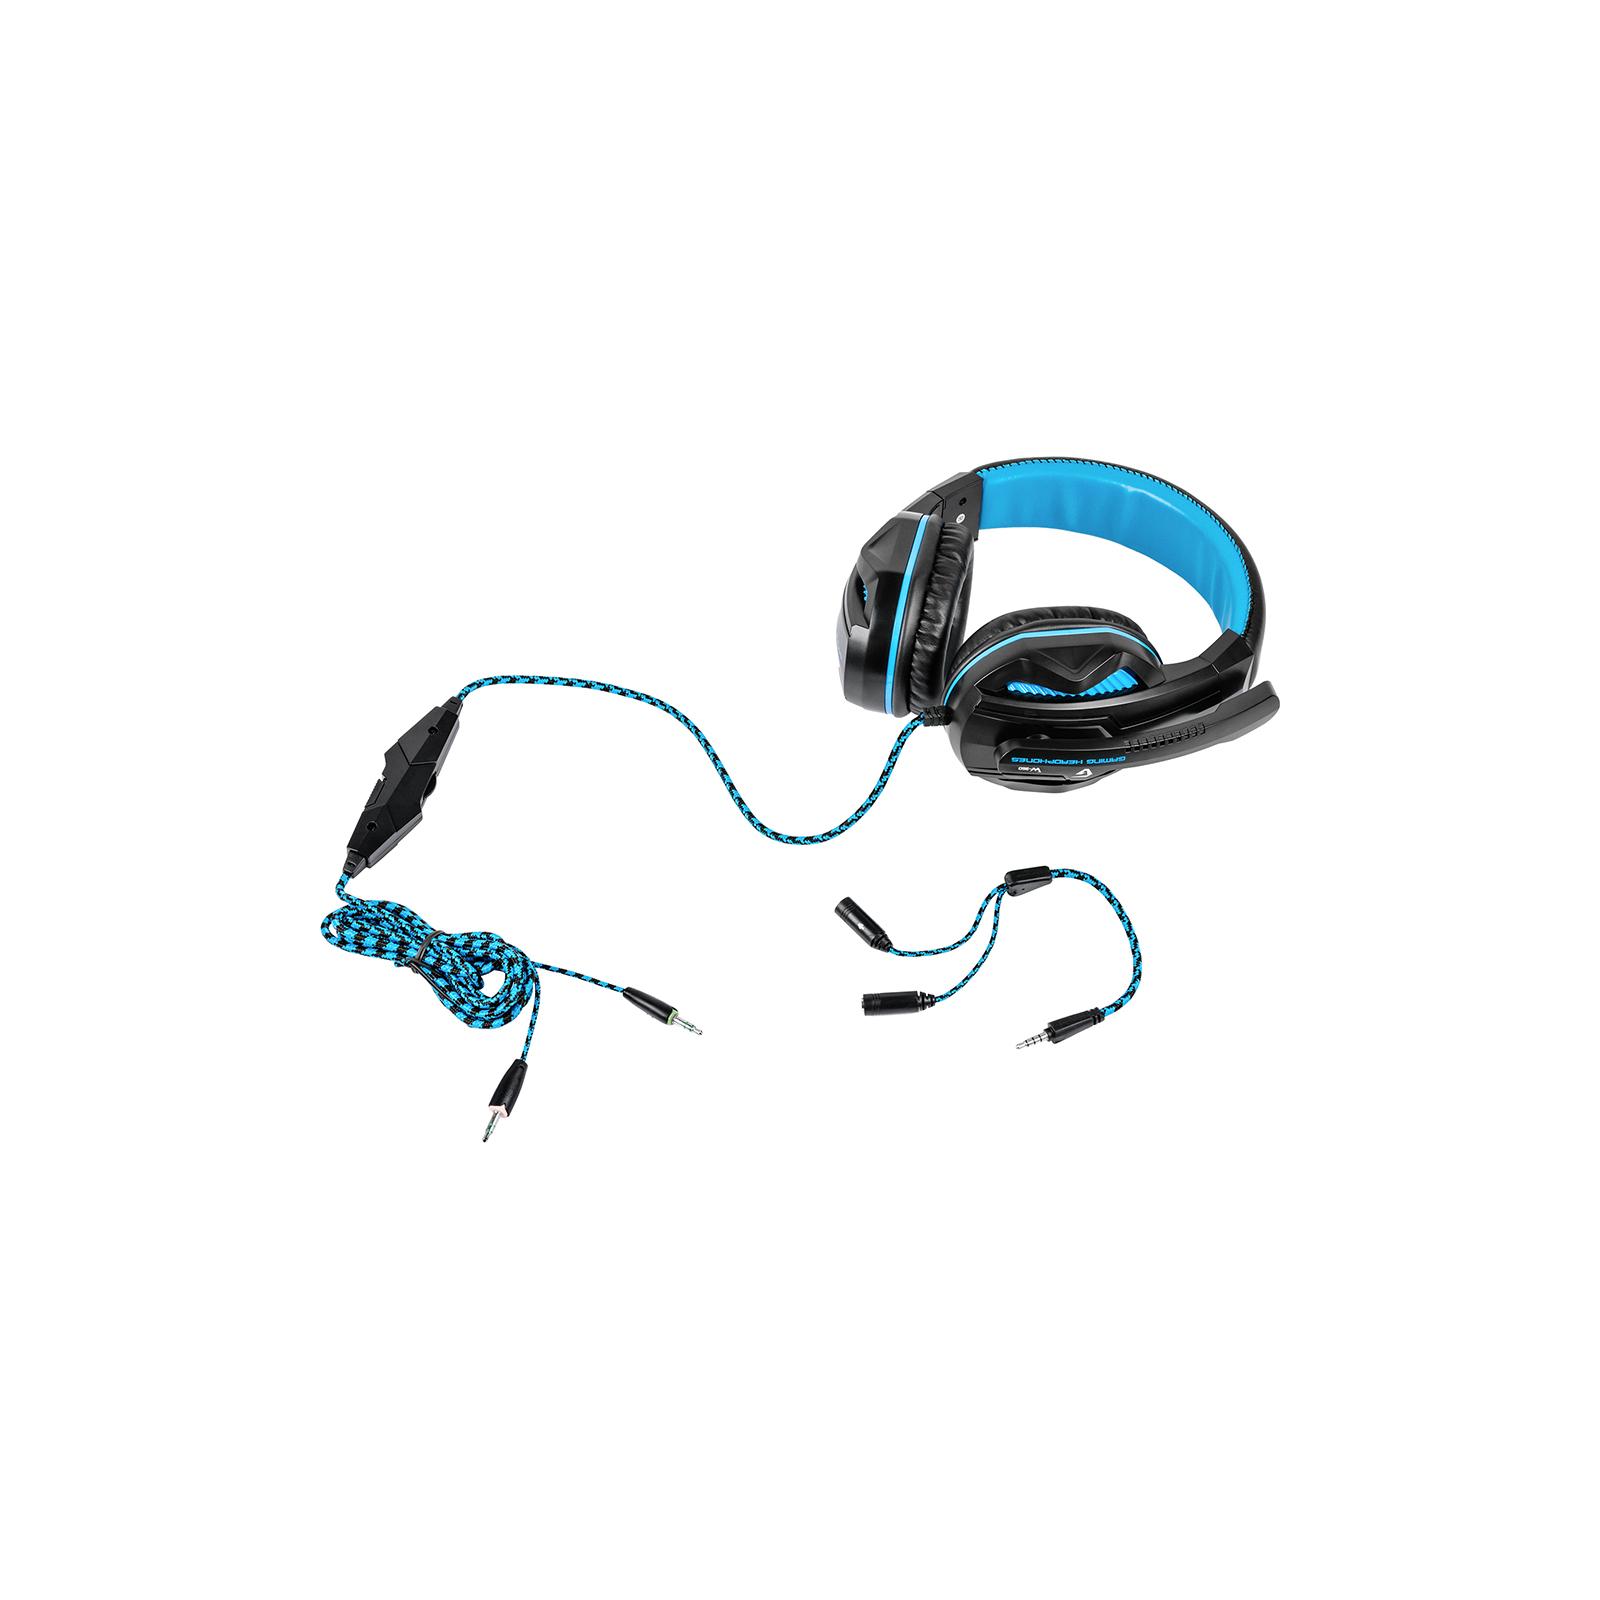 Наушники GEMIX W-360 black-blue изображение 4